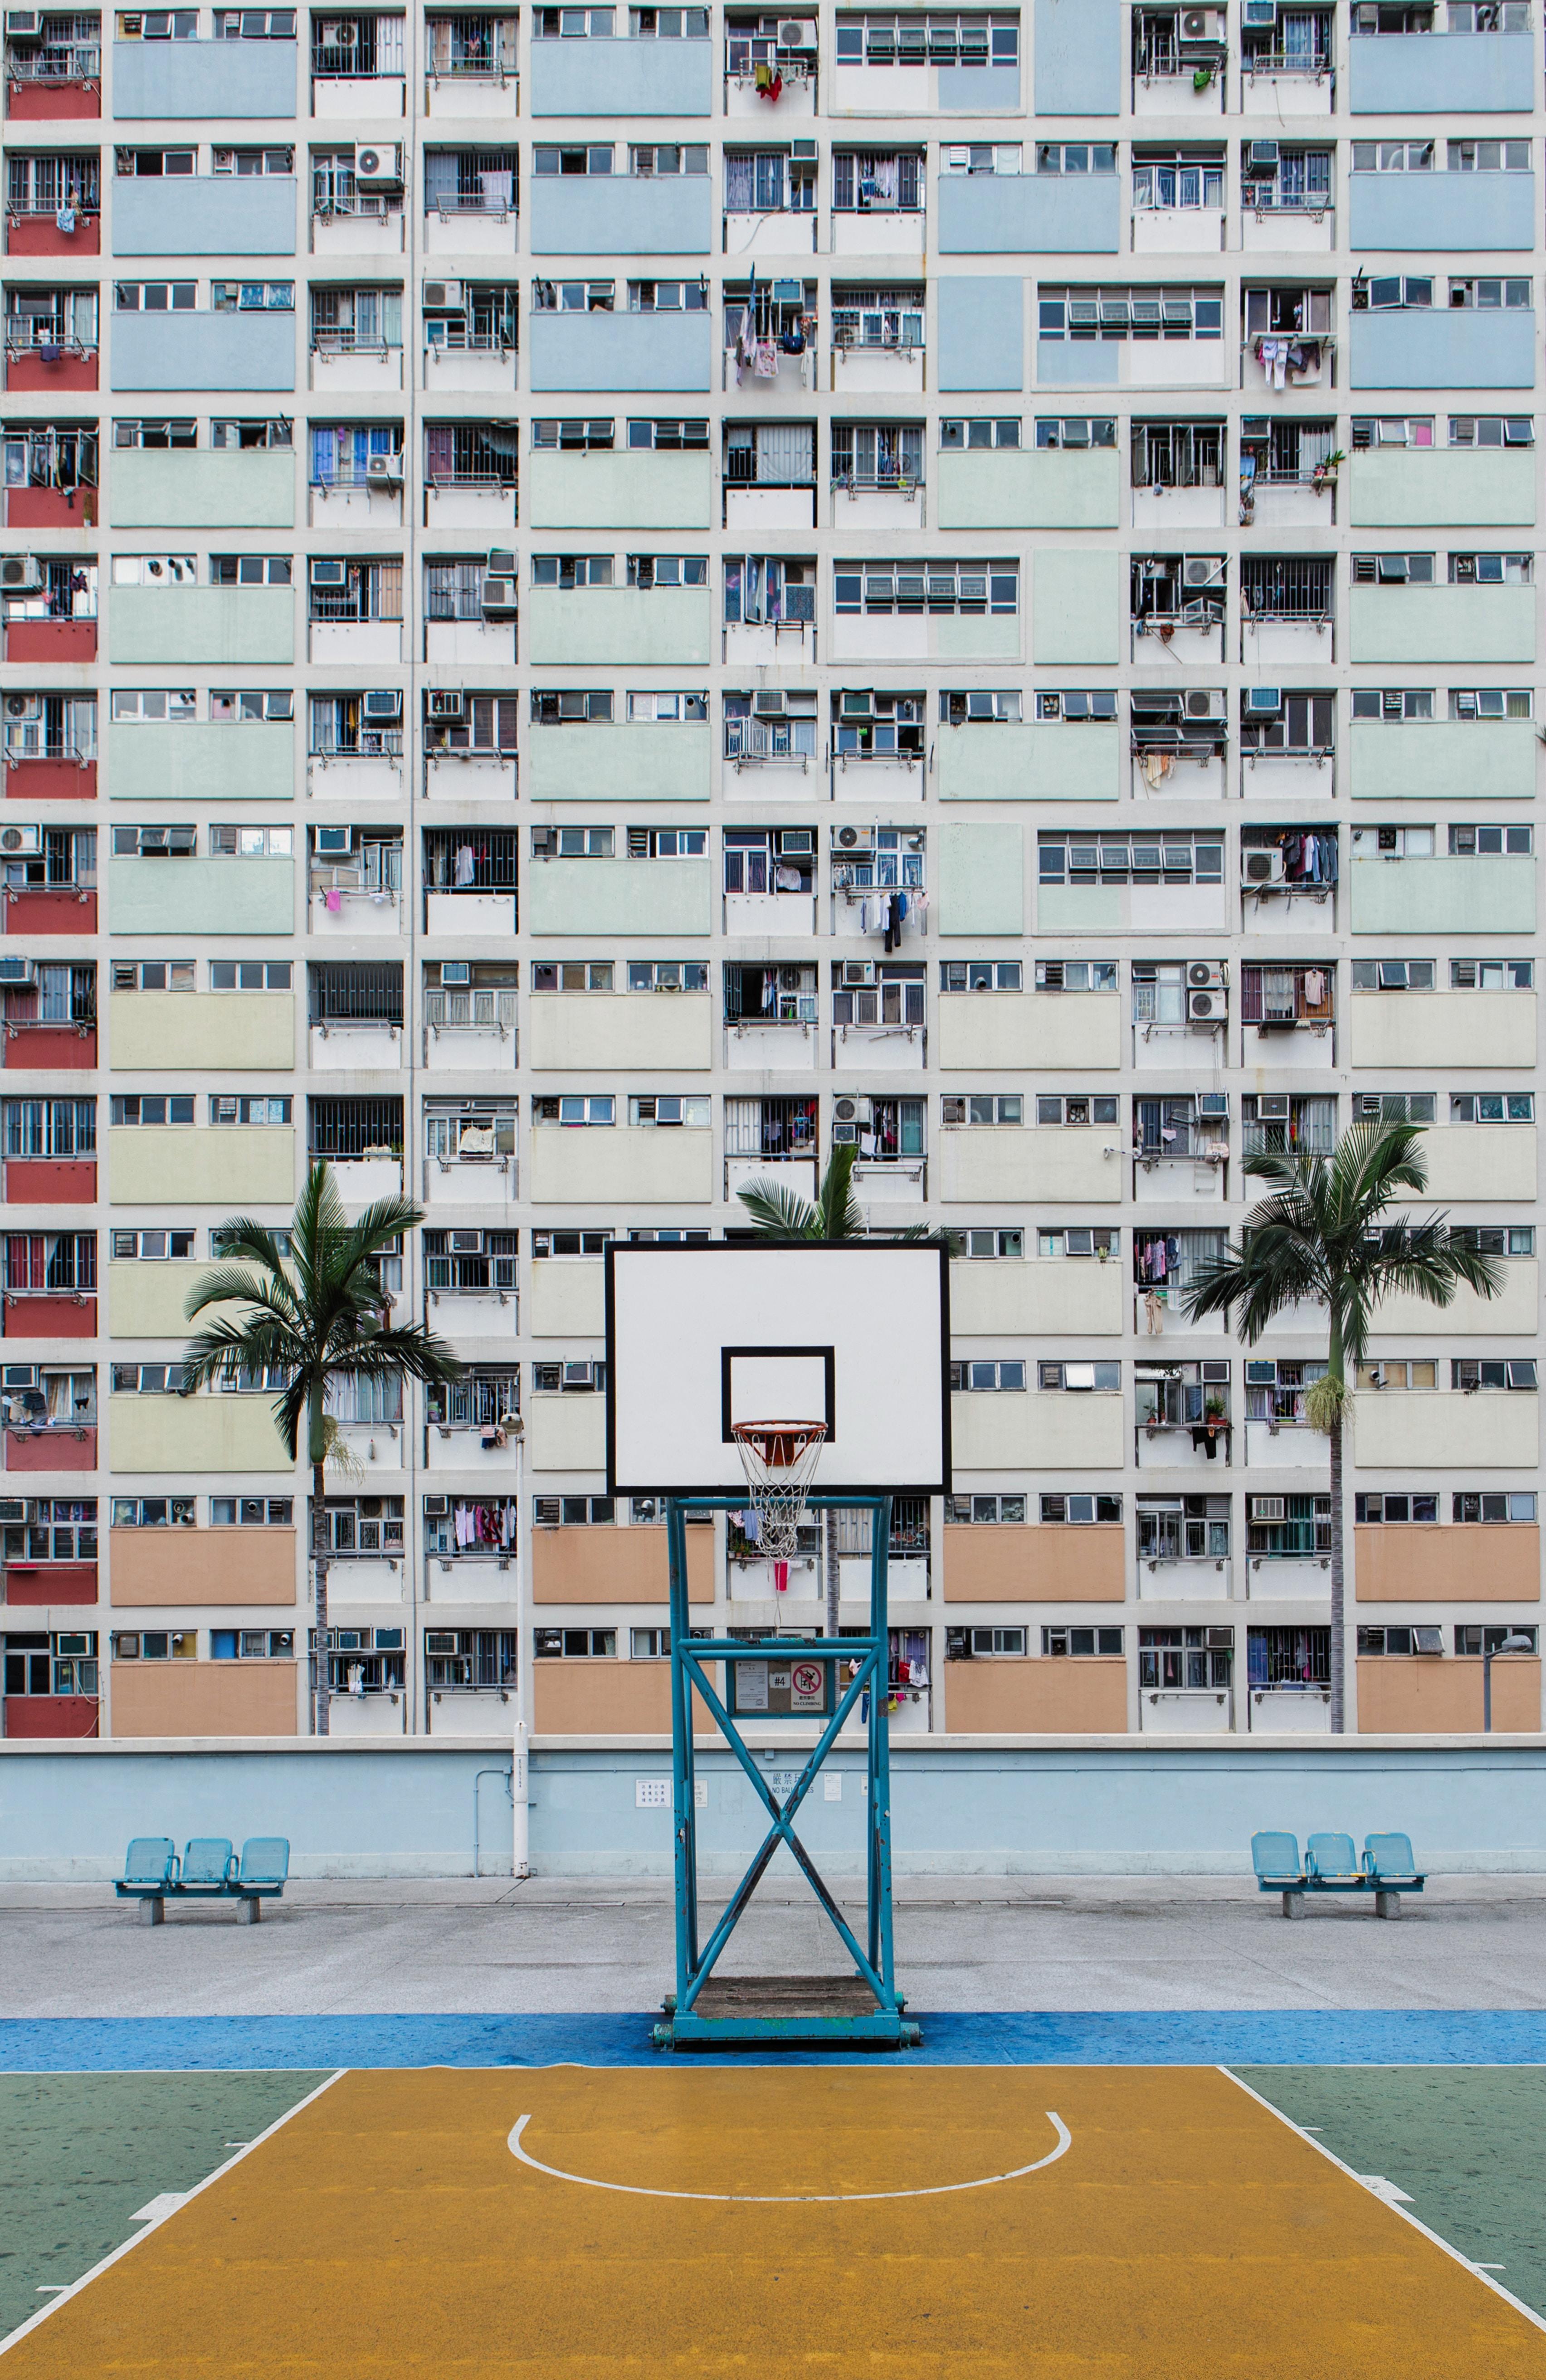 103635 скачать обои Спорт, Баскетбольная Площадка, Площадка, Крыша, Здание, Городской - заставки и картинки бесплатно